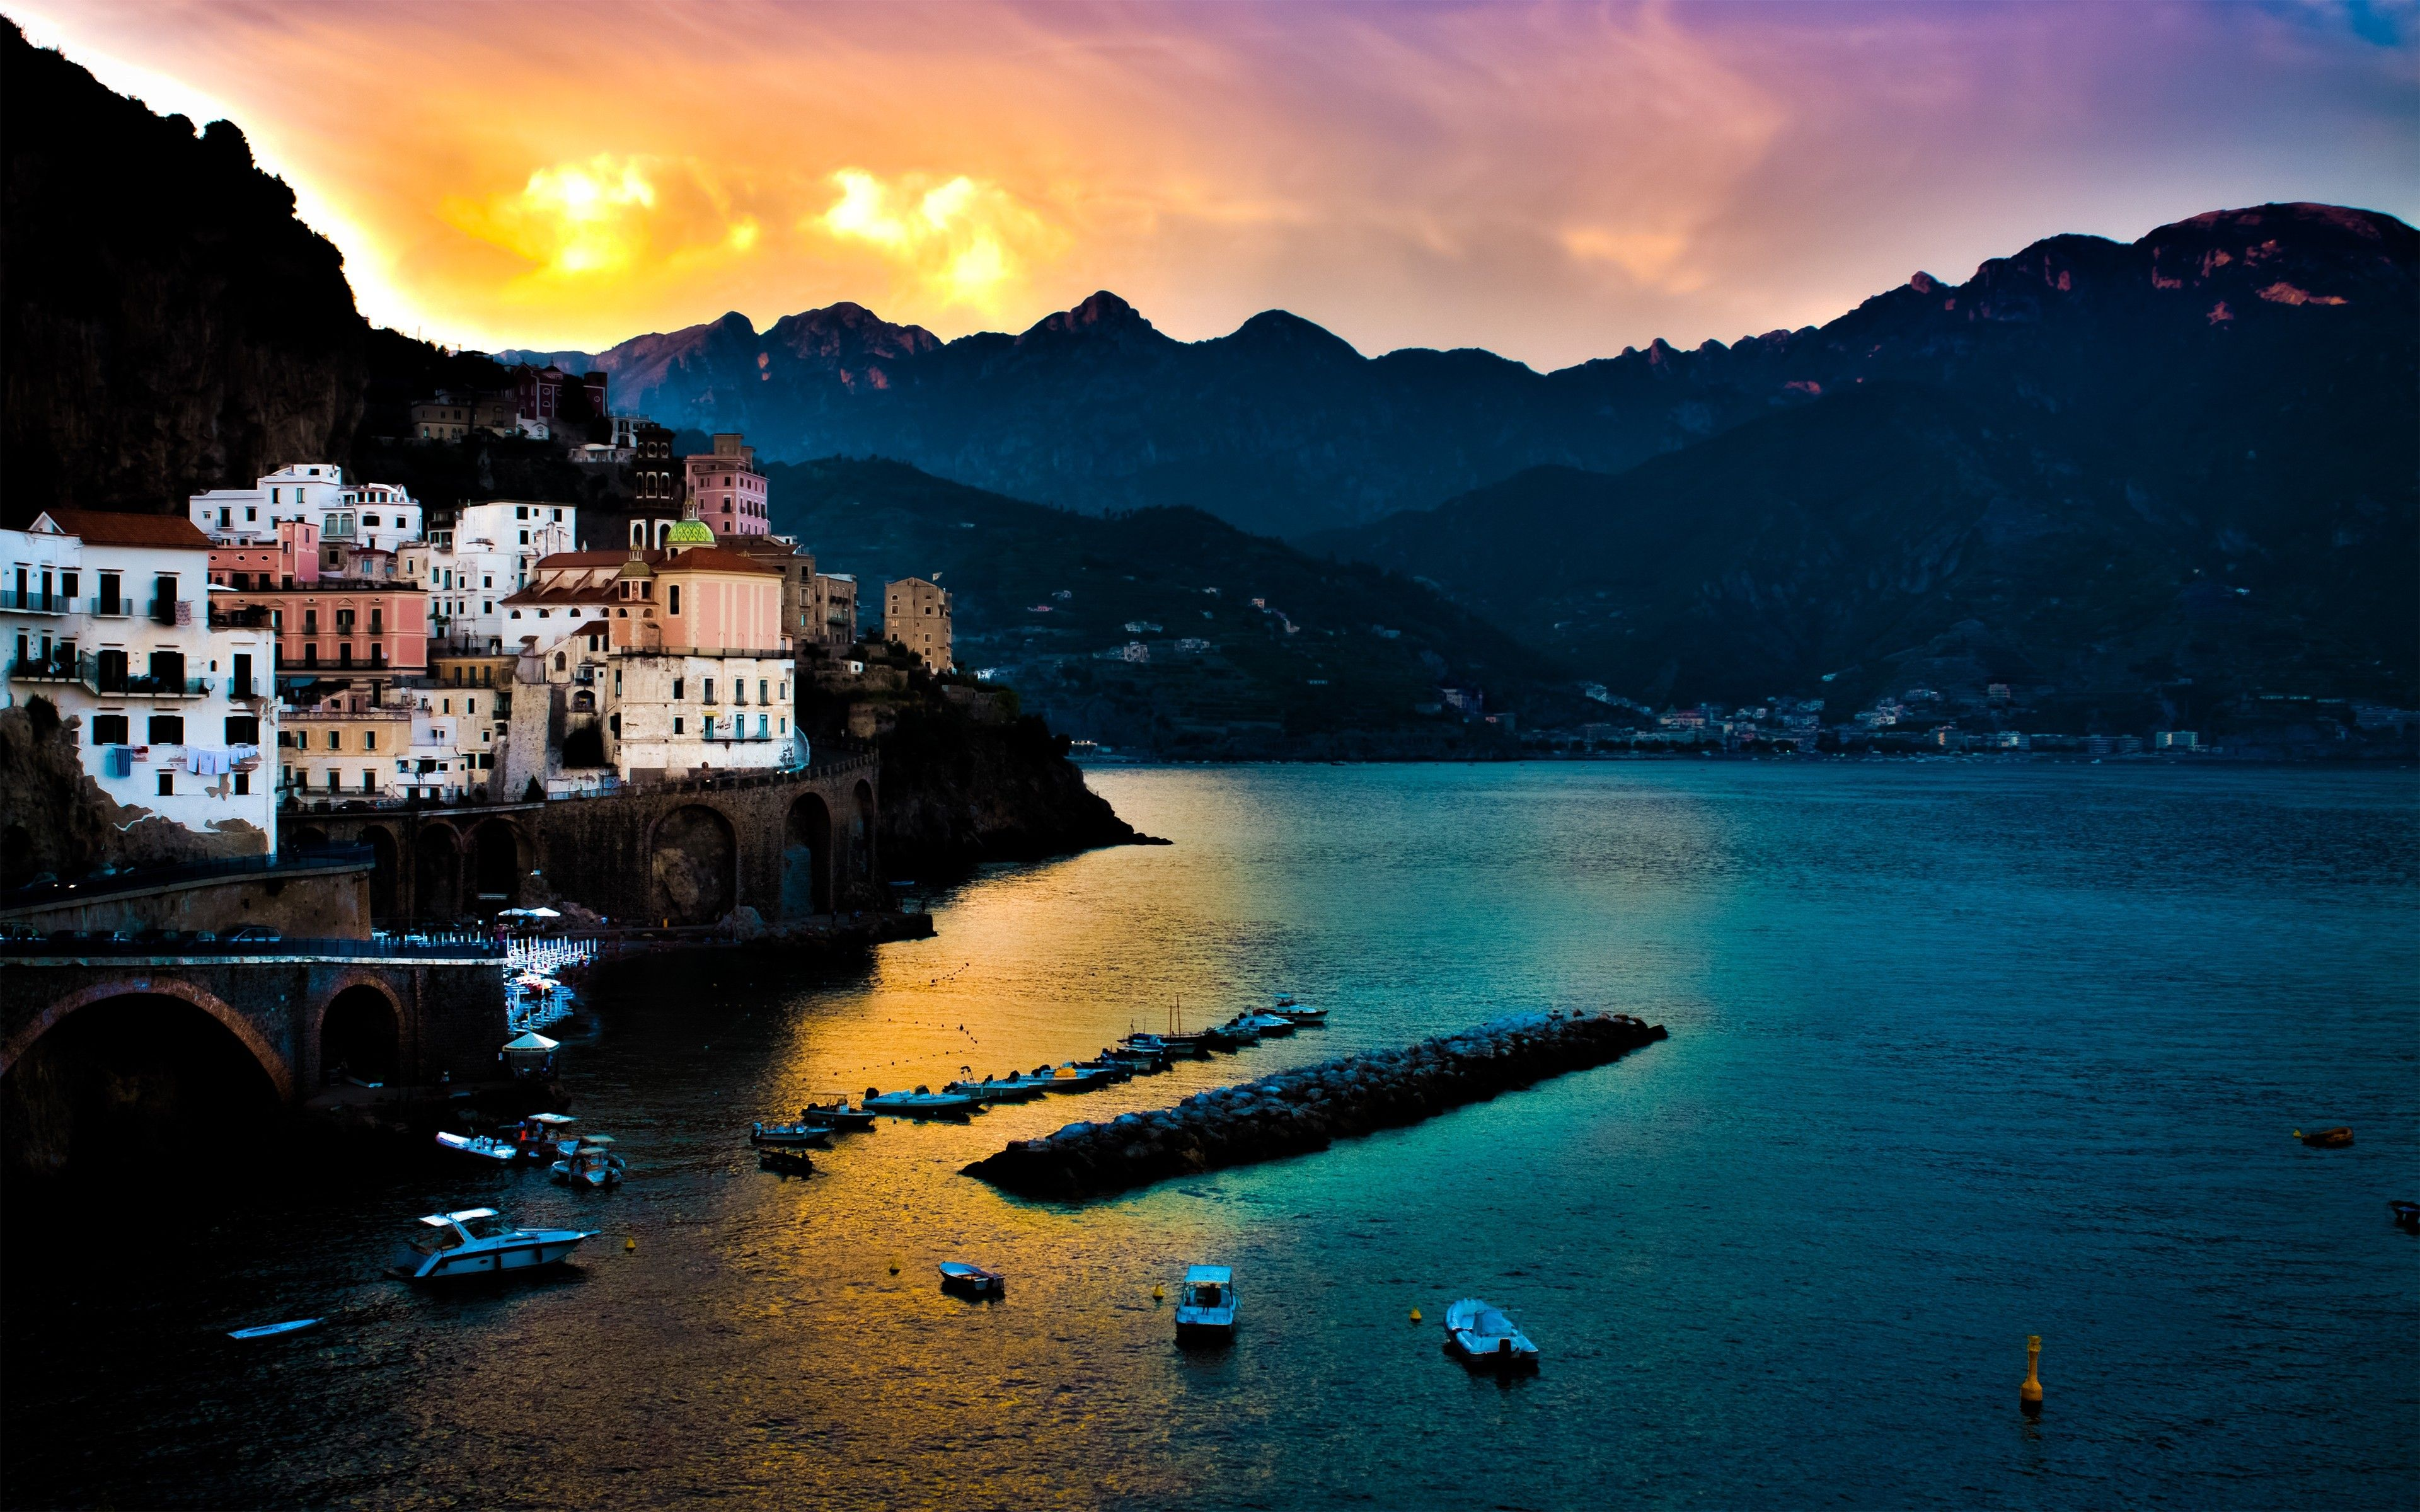 Pin By Lucy Stone On Amalfi Coast Amalfi Italy Amalfi Coast Amalfi